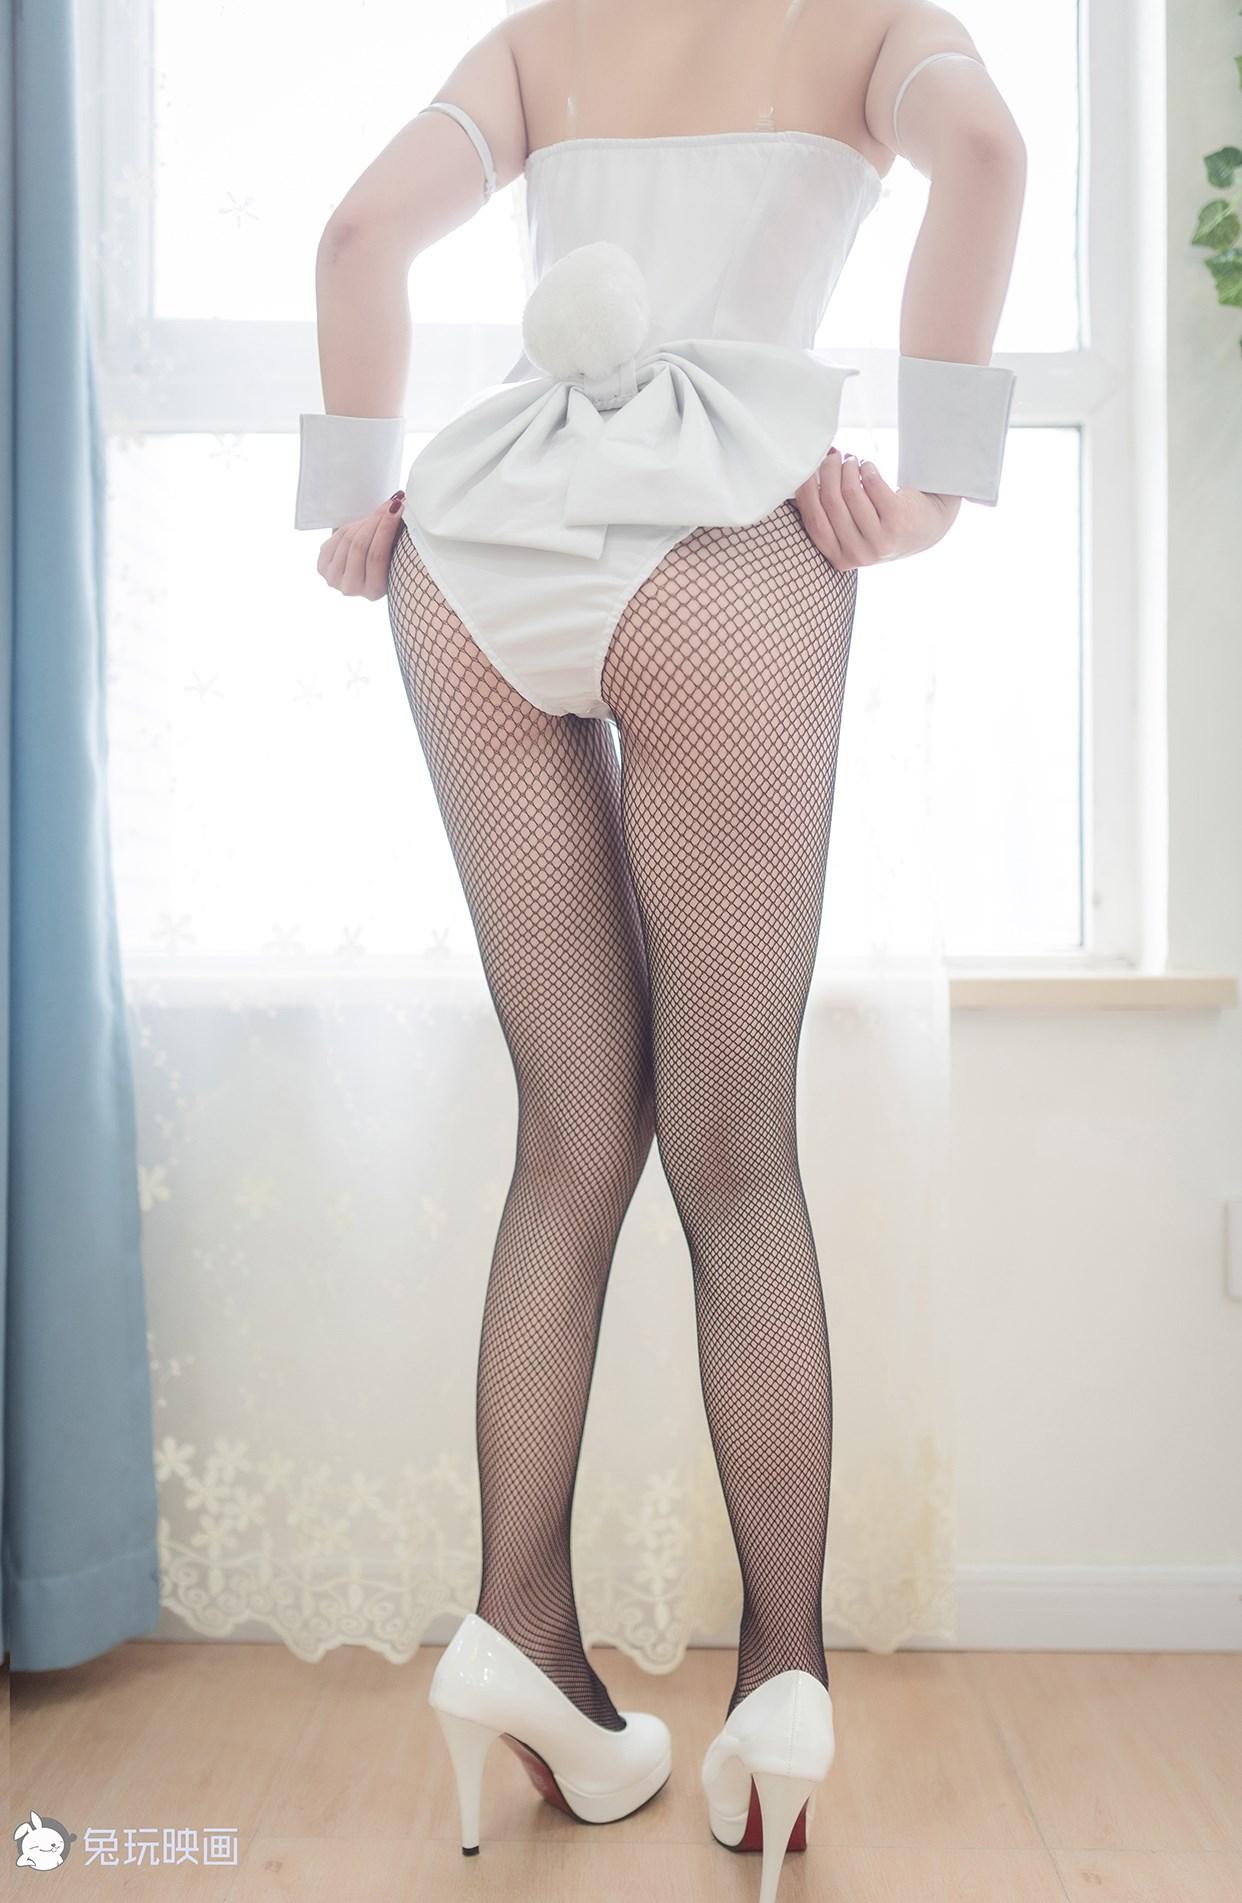 【兔玩映画】vol.06 - 加藤惠 兔玩映画 第12张